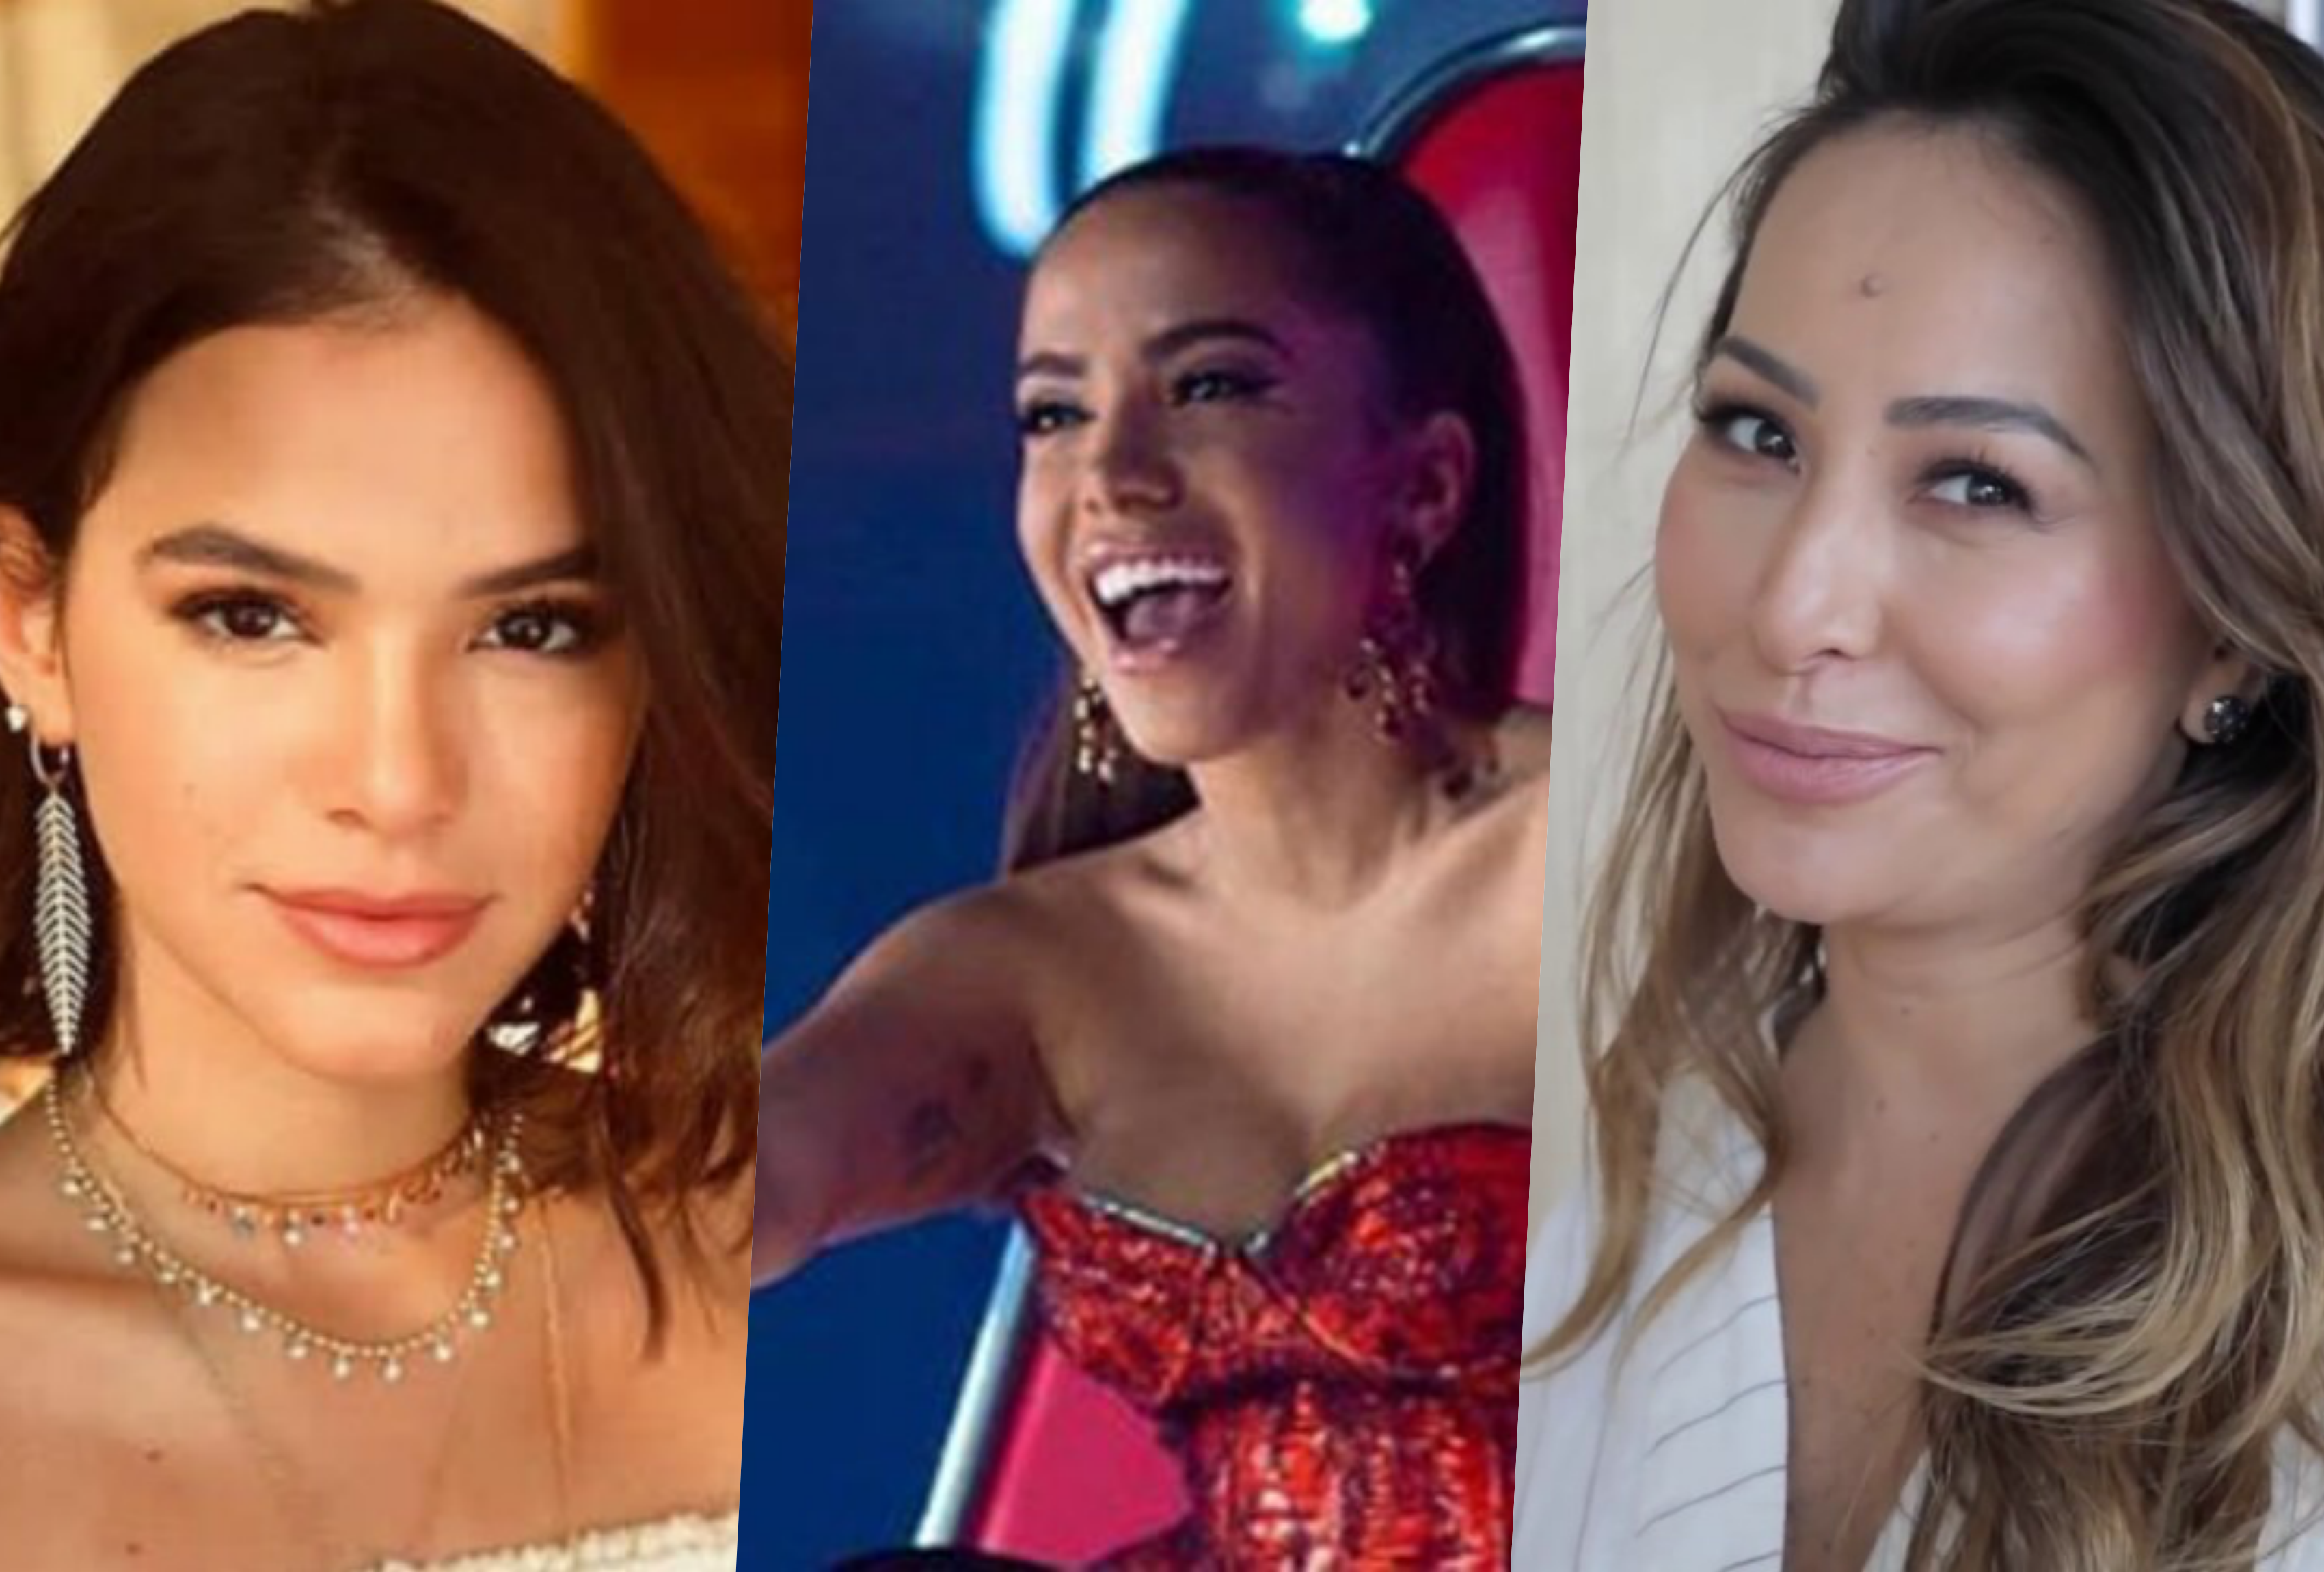 13eae6aeac9ad Dinheiro e mansões  Bruna Marquezine, Anitta, Sabrina Sato e outros famosos  faturam alto e terminam ano de cofres cheios – TV Foco